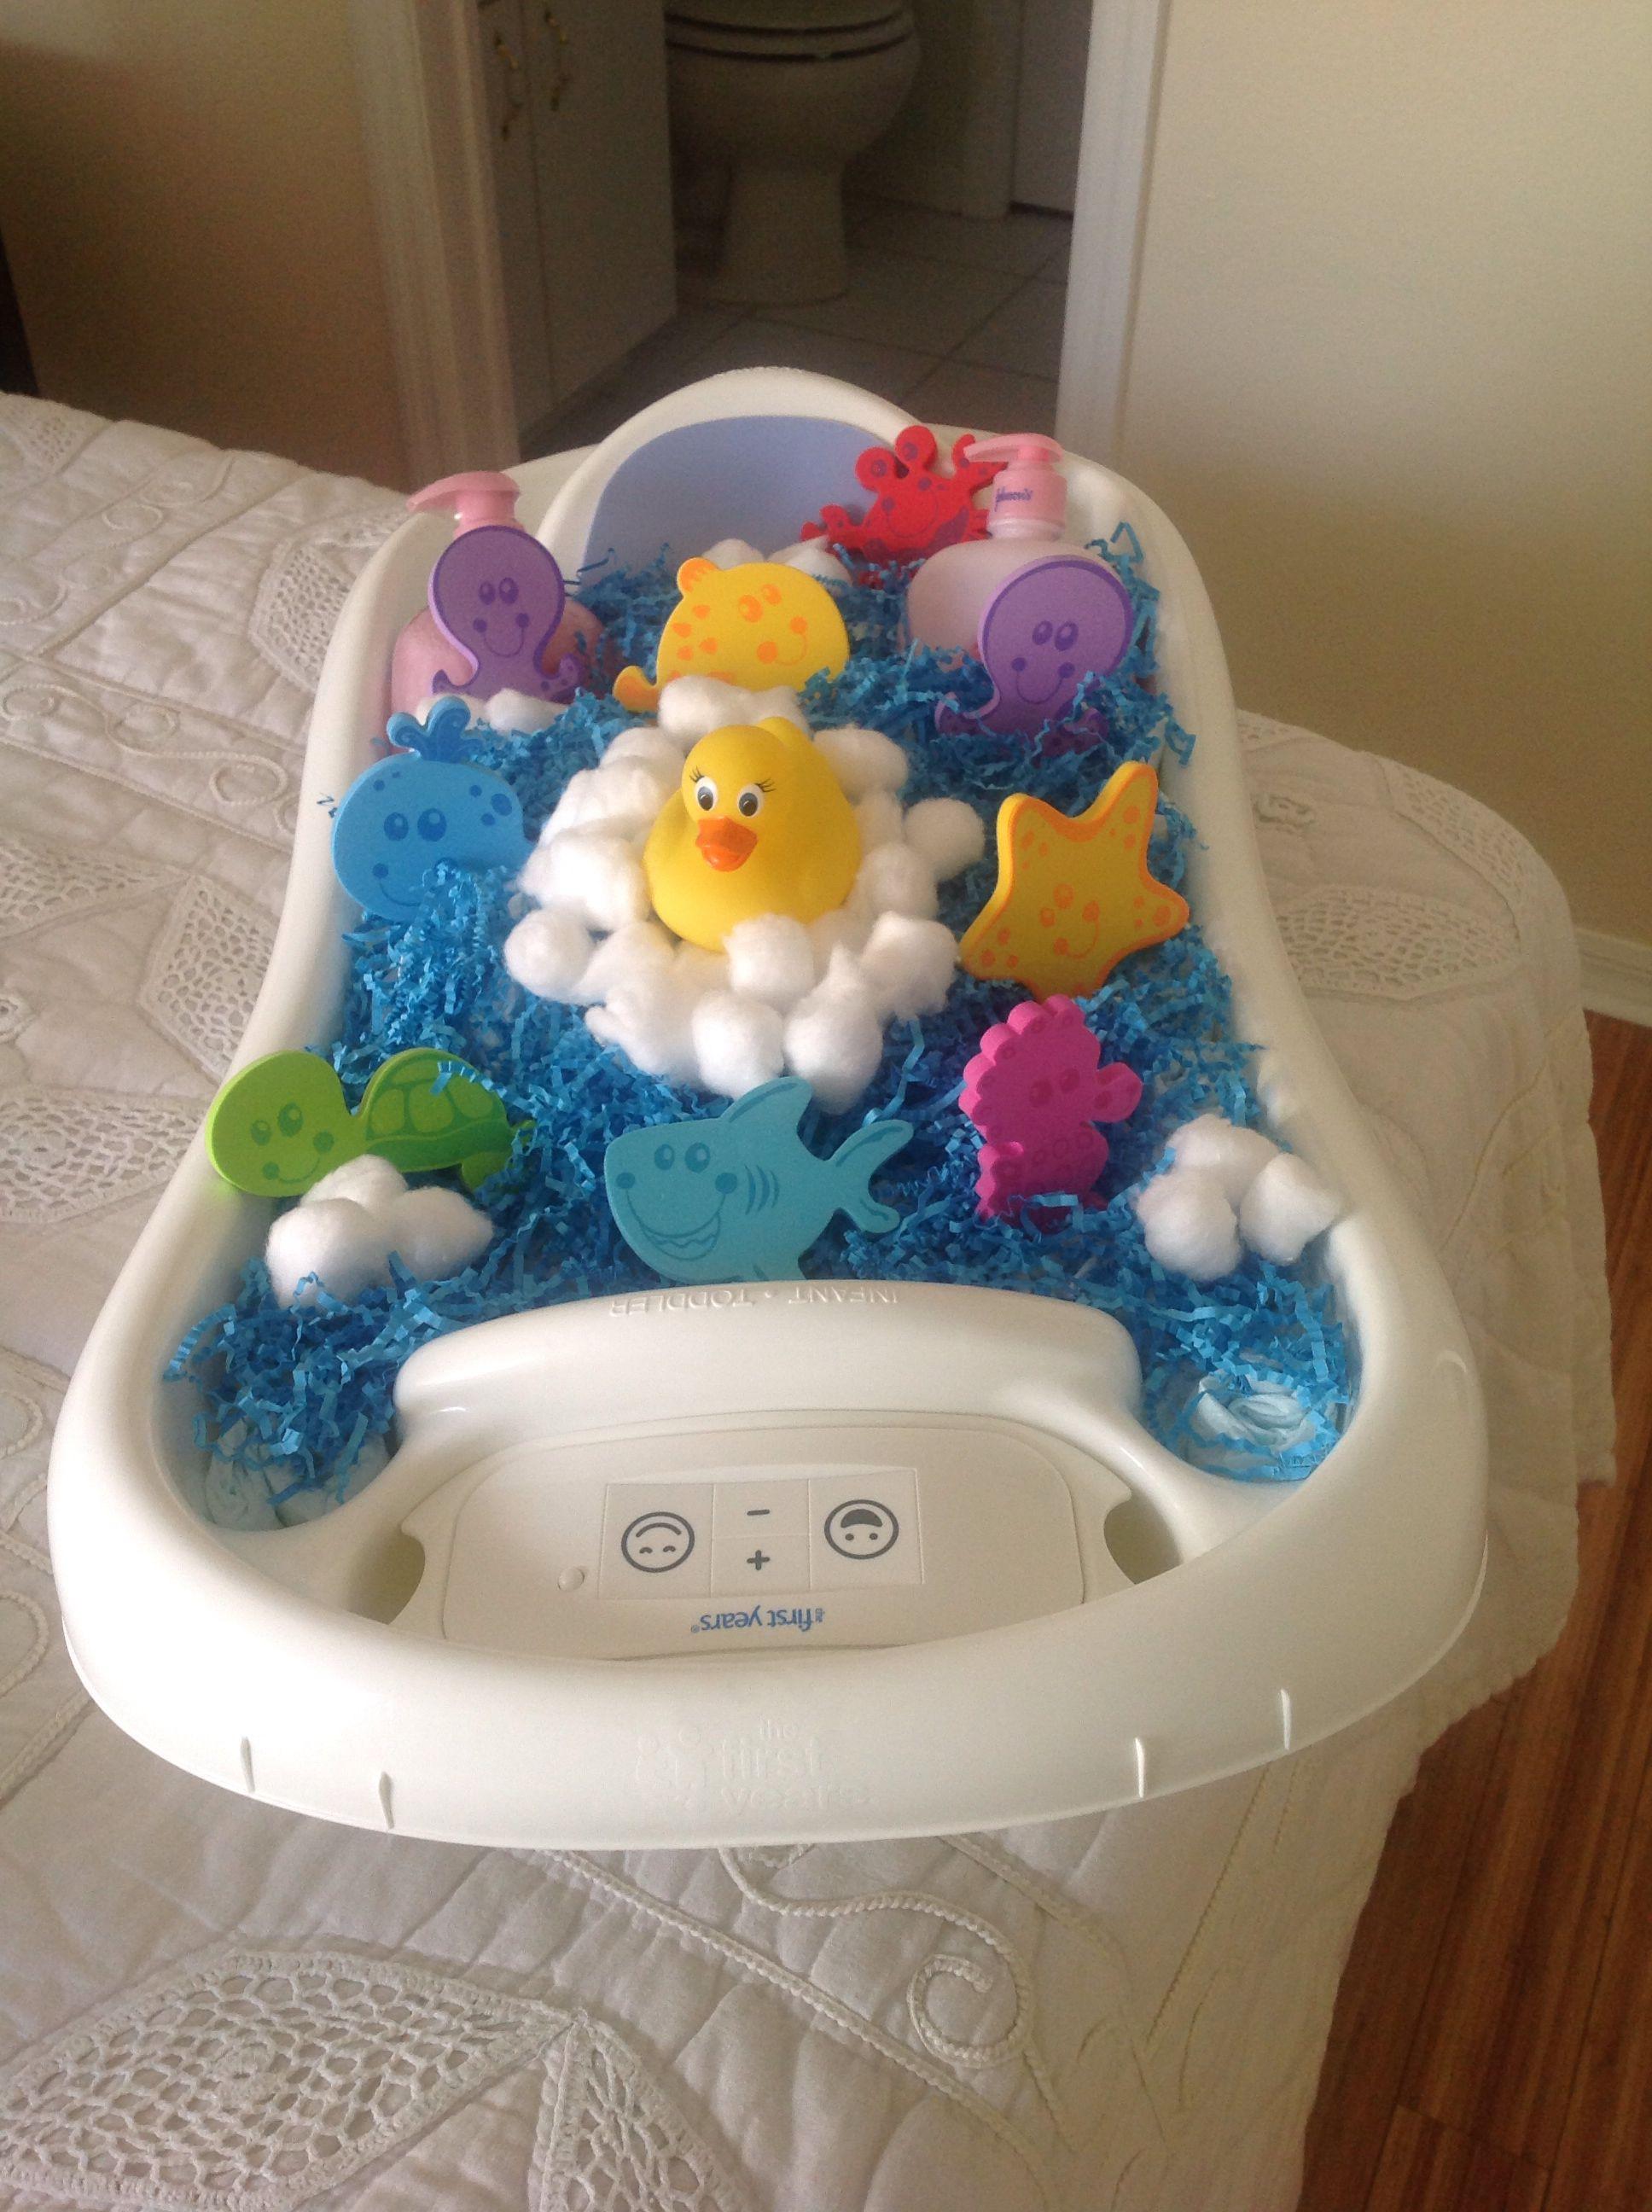 Babydam Bathtub Divider With Images Baby Tub Baby Bath Tub